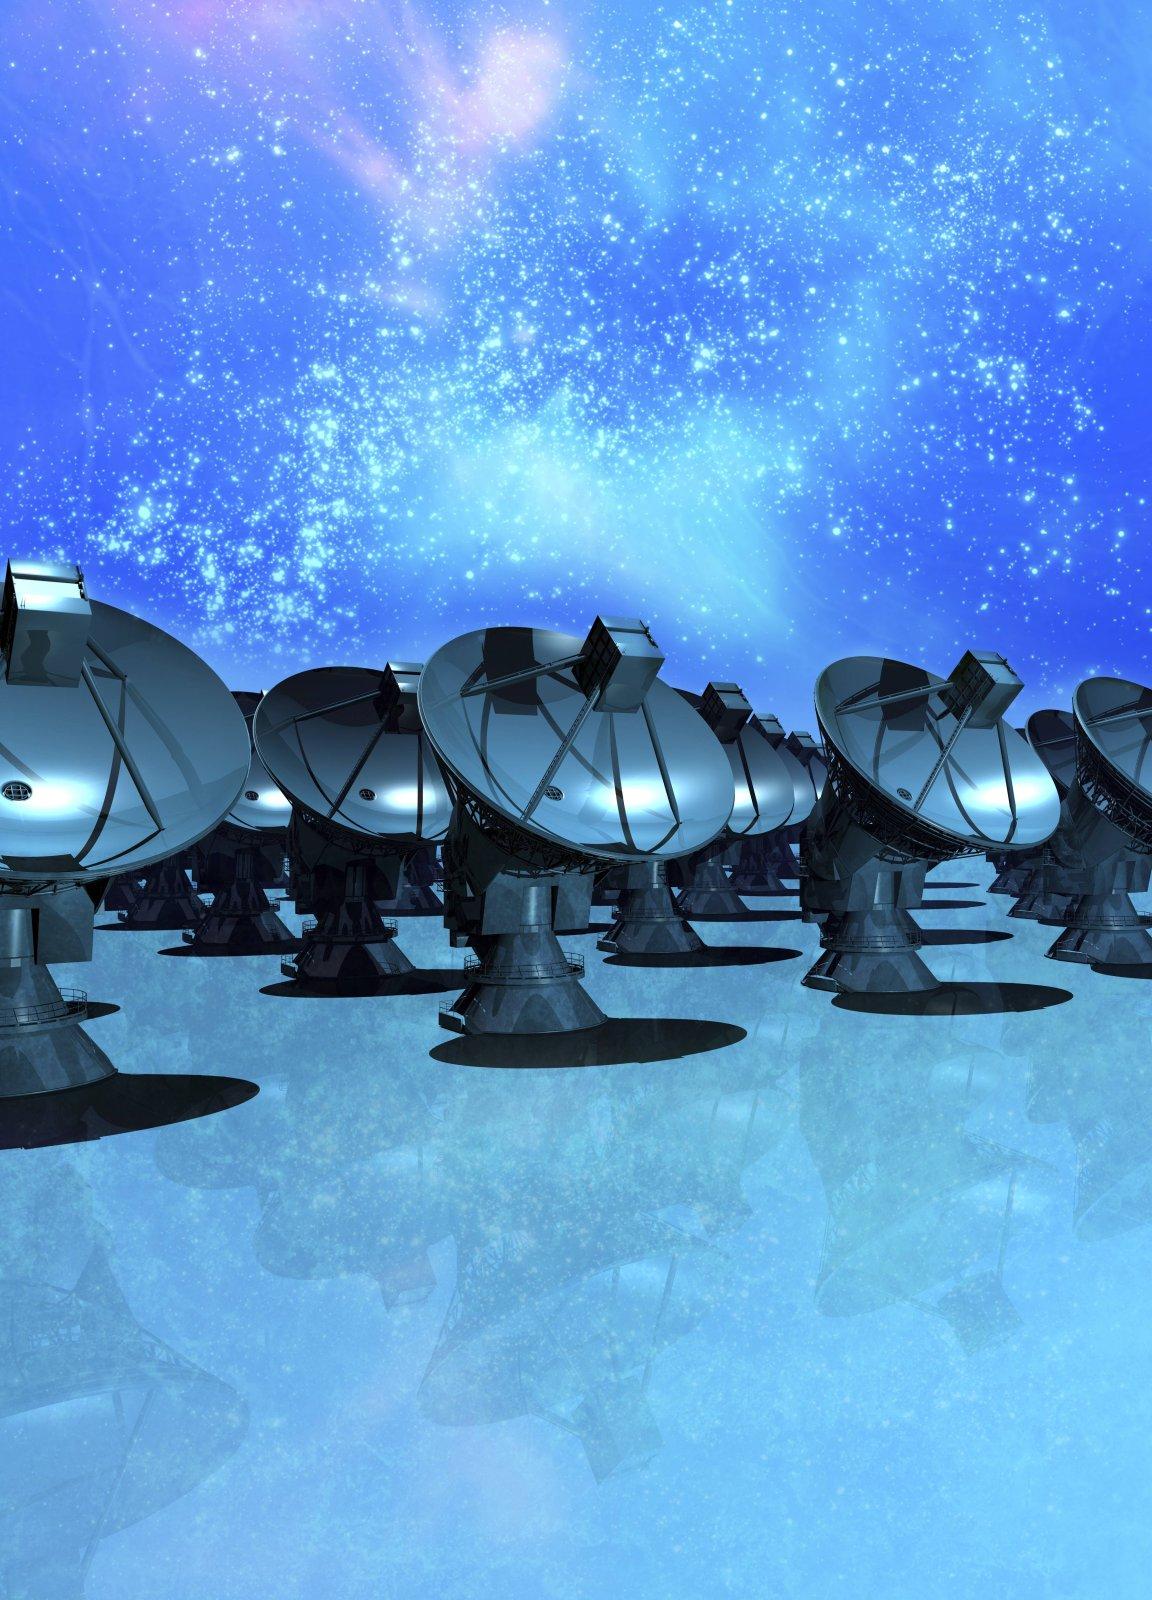 Illustration vieler Satellitenschüsseln unter Sternenhimmel